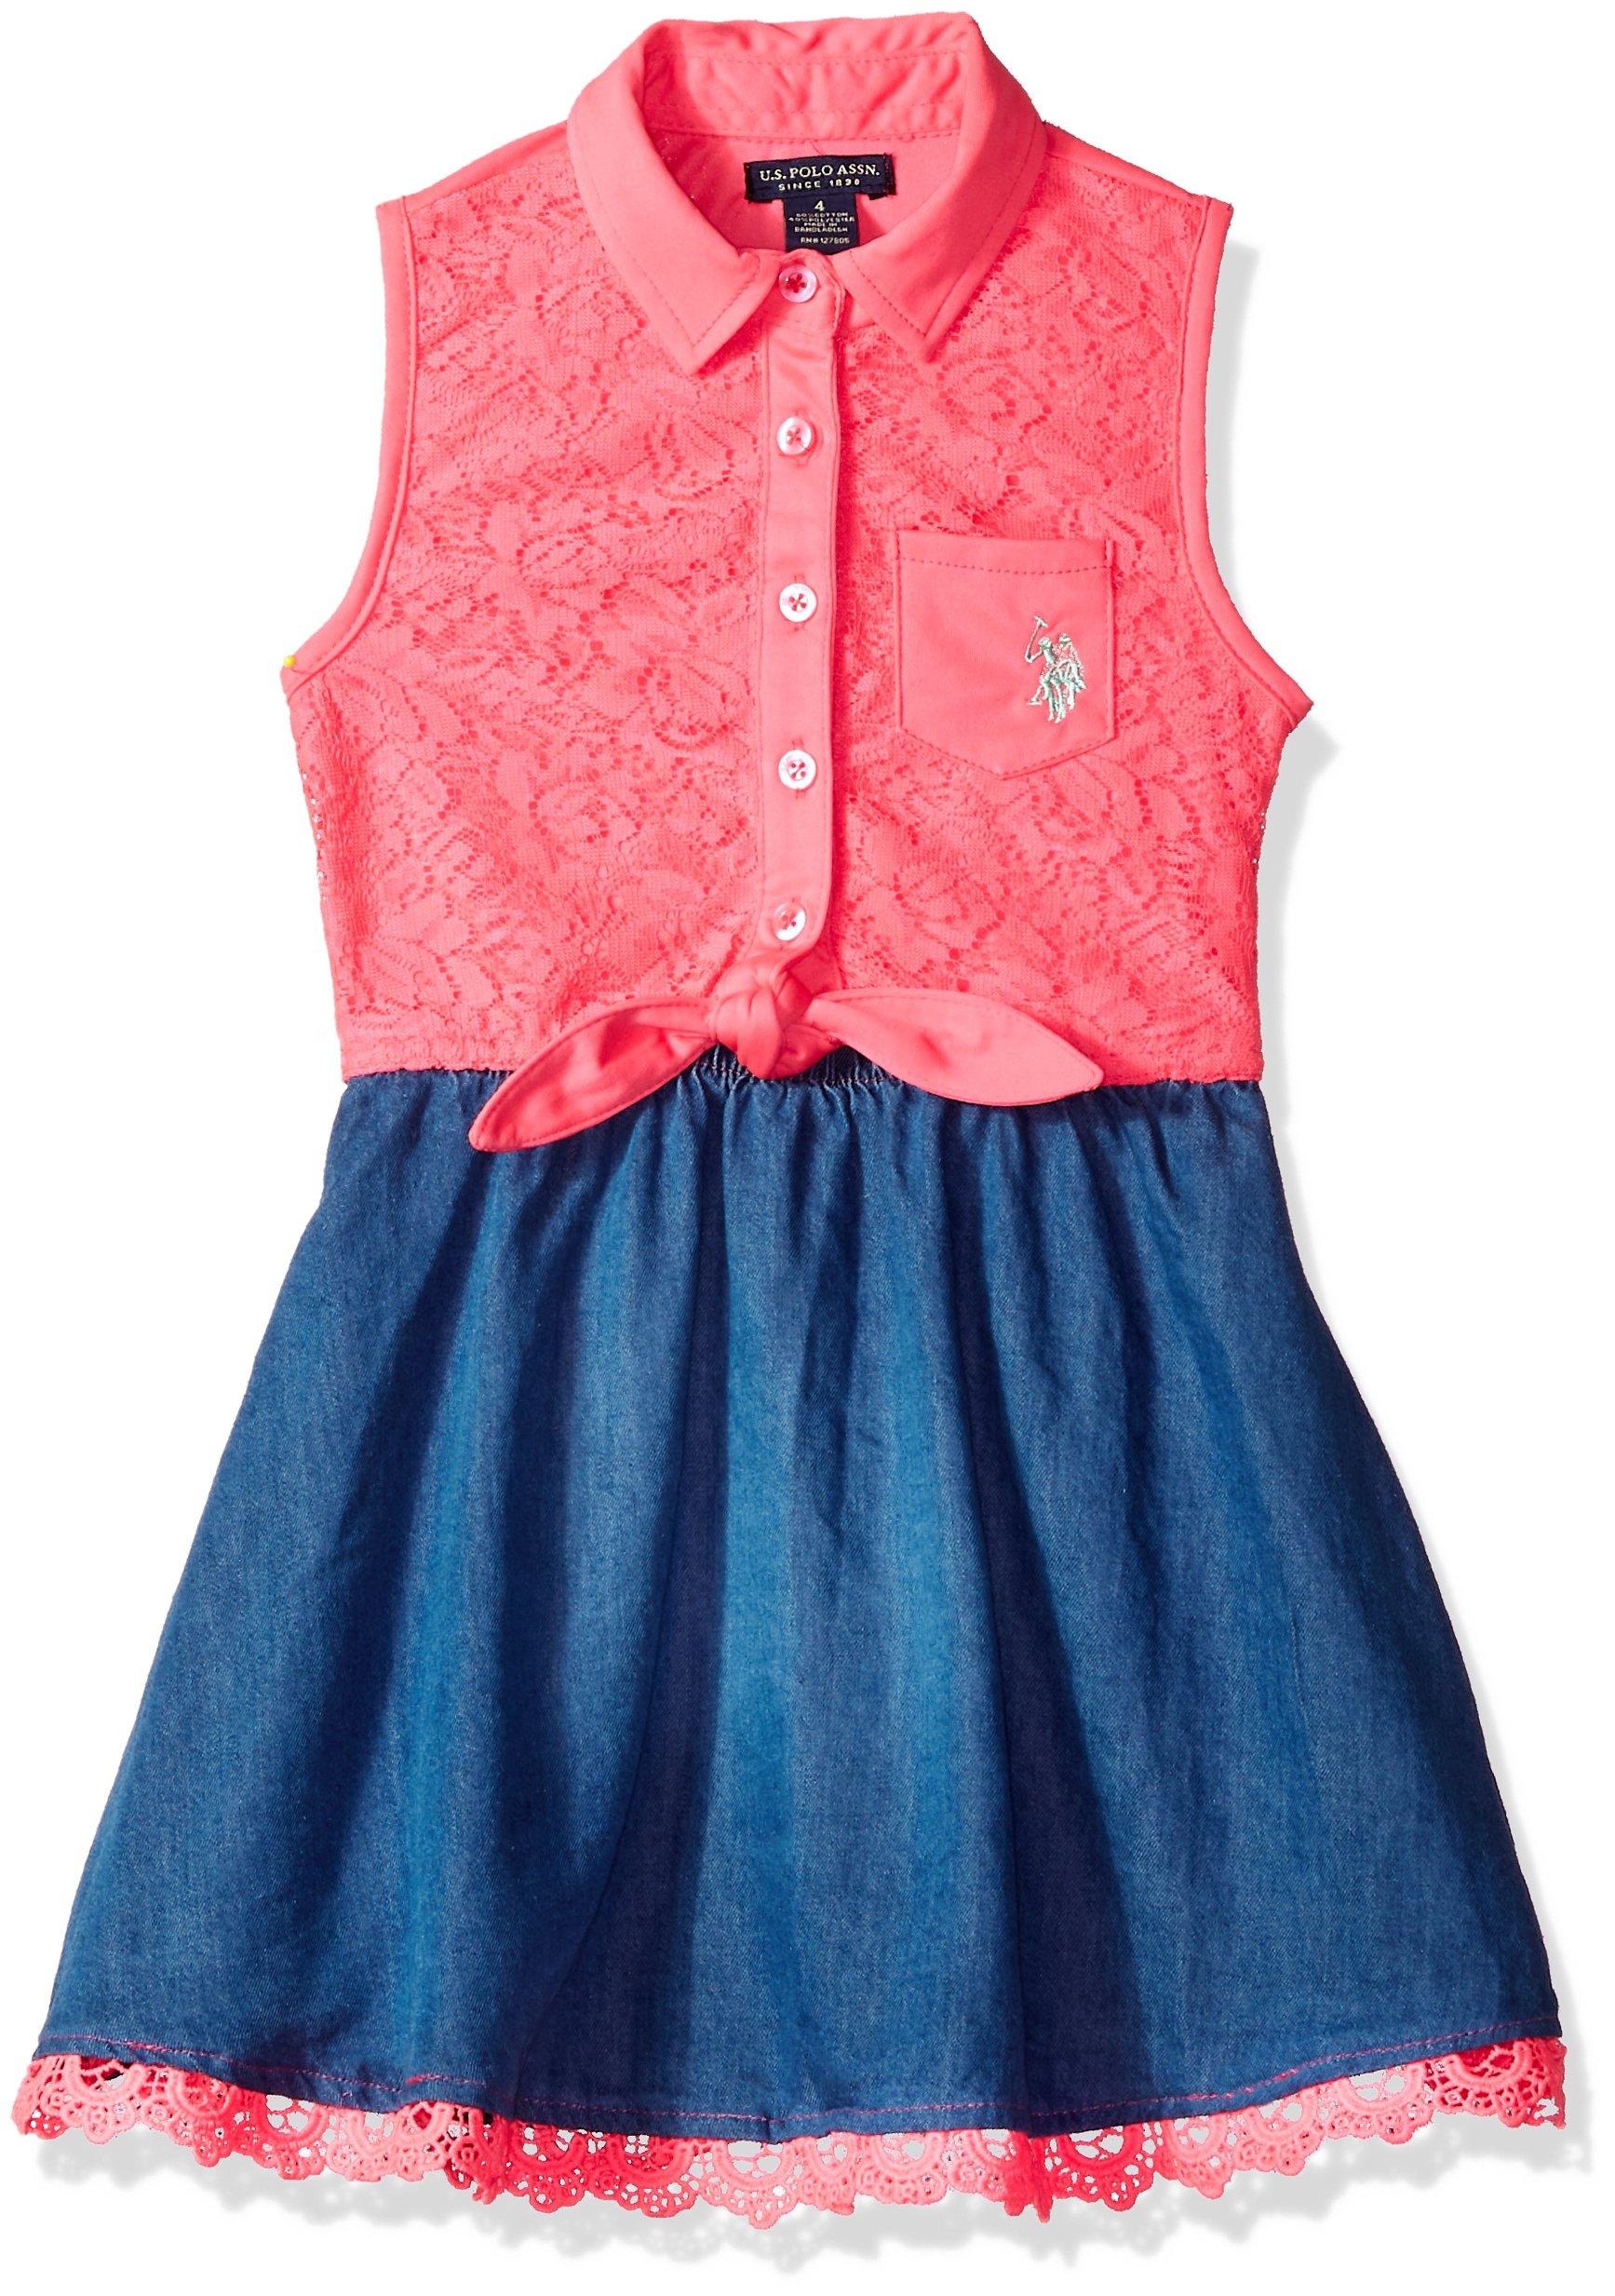 U.S. Polo Assn.. Big Girls' Casual Dress, Tencel Lace Neon Pink, 12